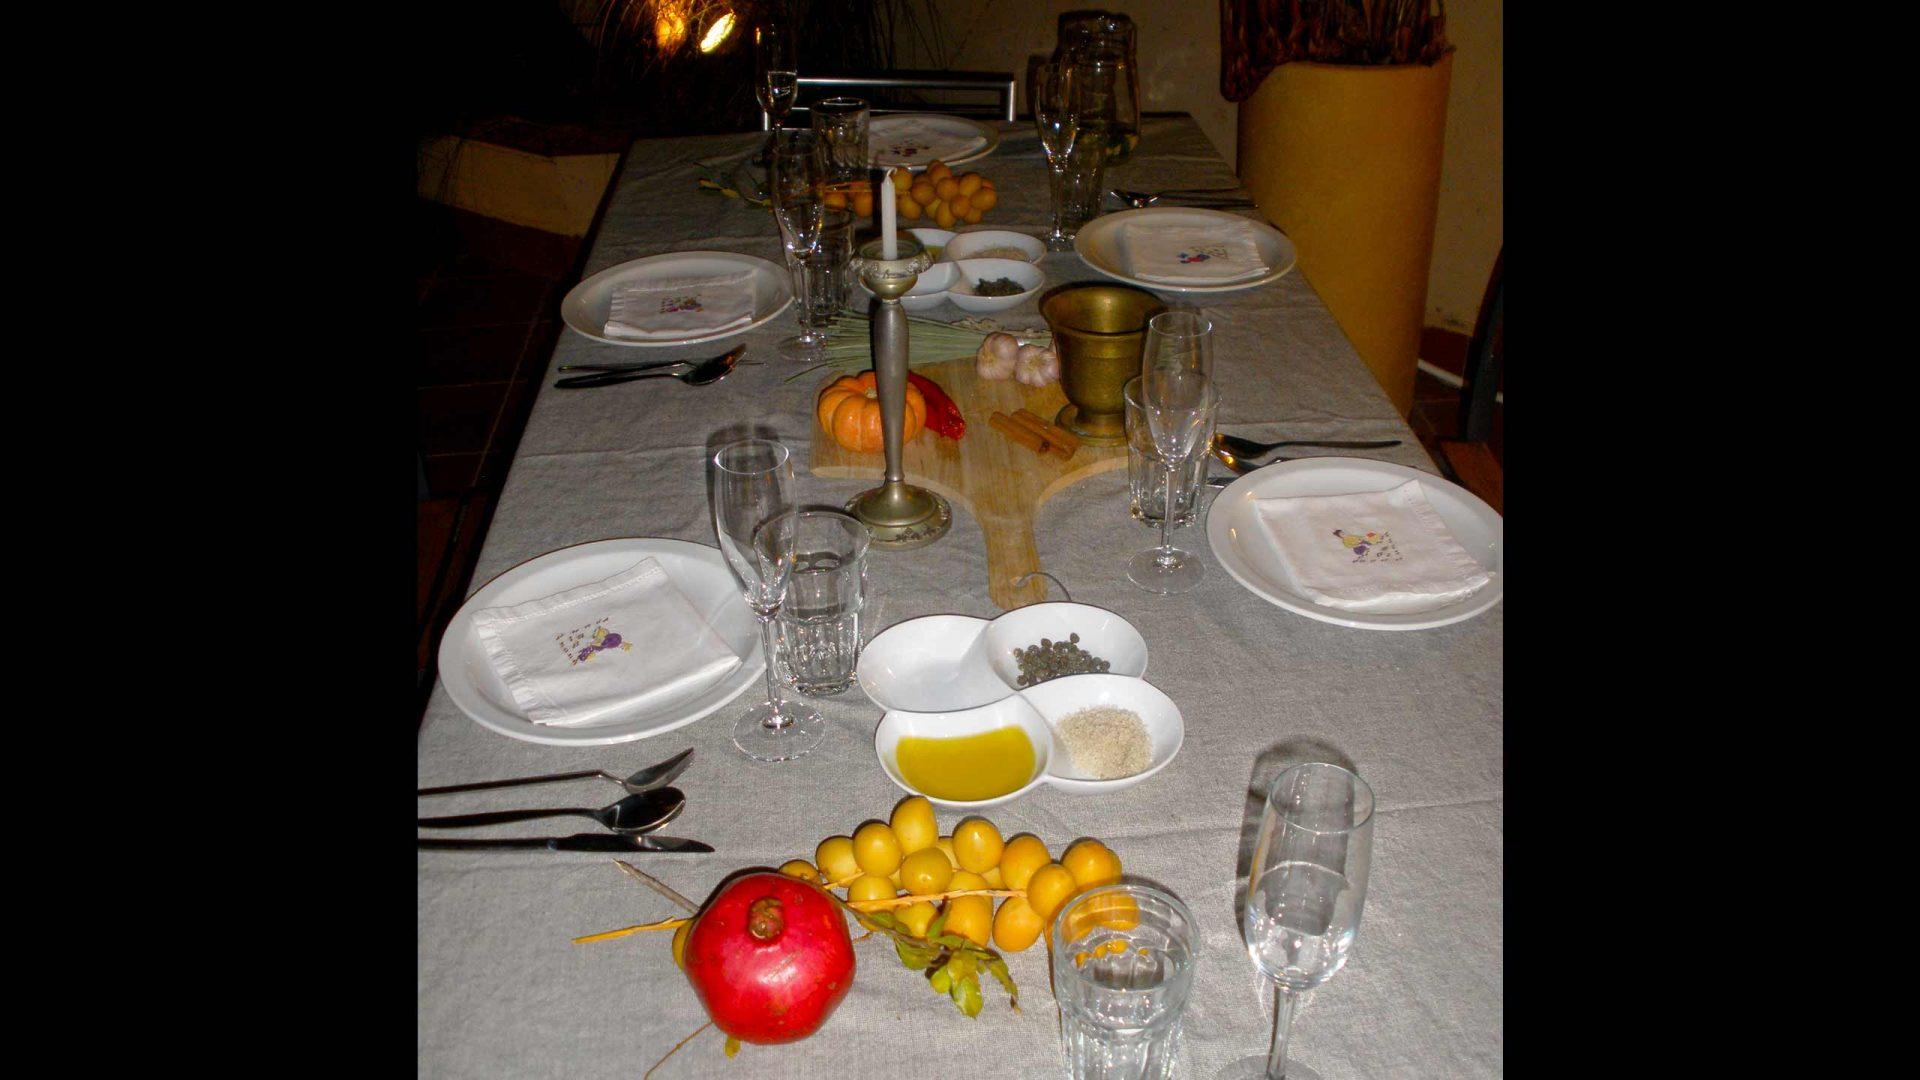 השולחן ארוחת לא על הלחם לבדו